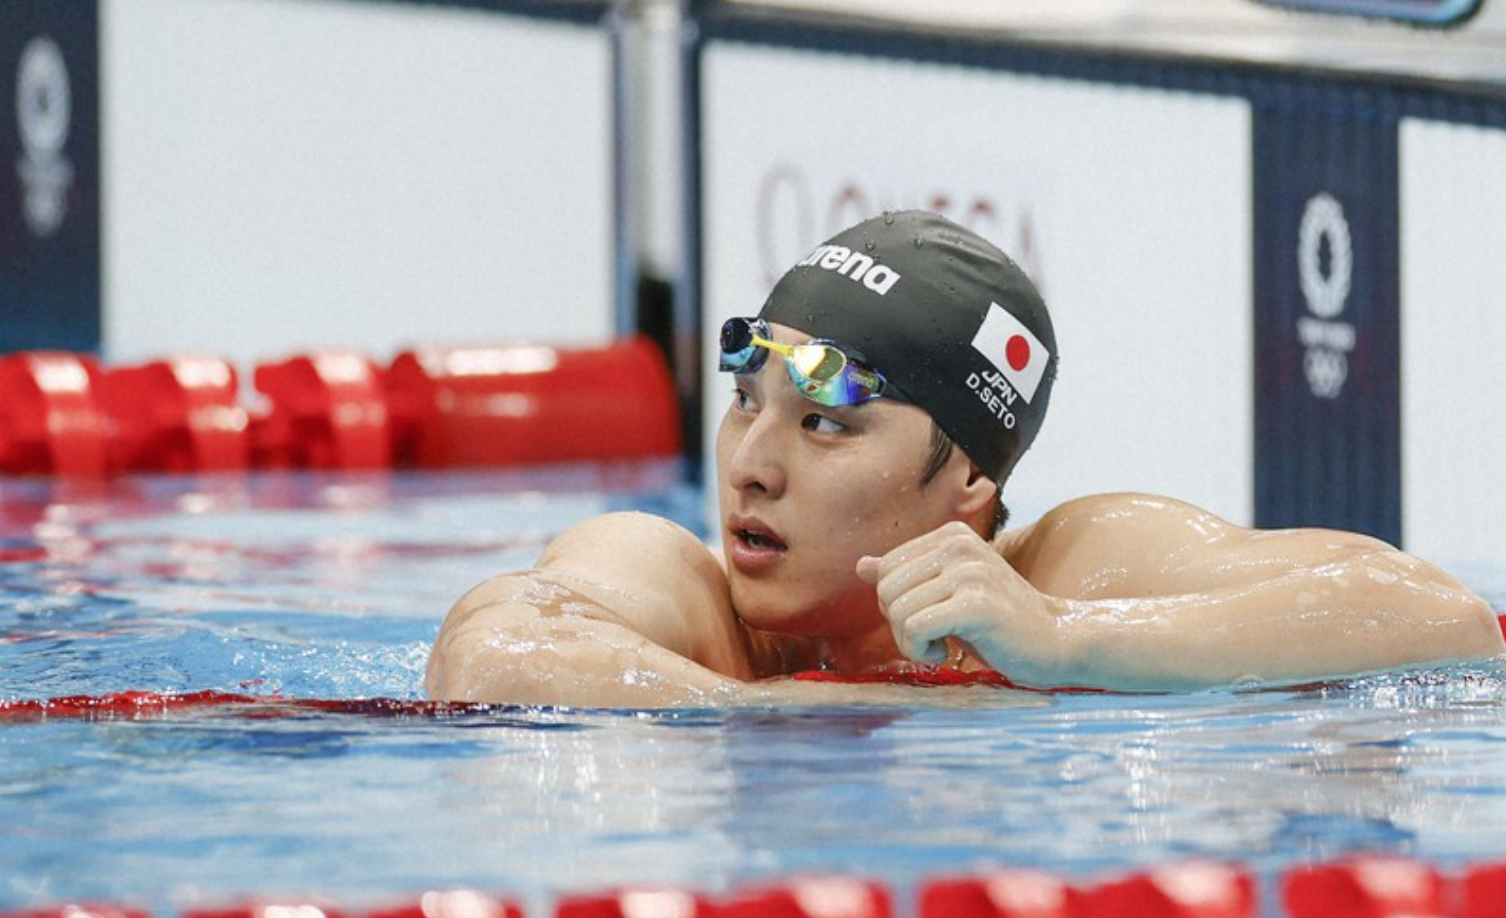 Biểu cảm quen thuộc của Seto sau mỗi lần về đích tại Olympic Tokyo 2020. Ảnh: Kyodo